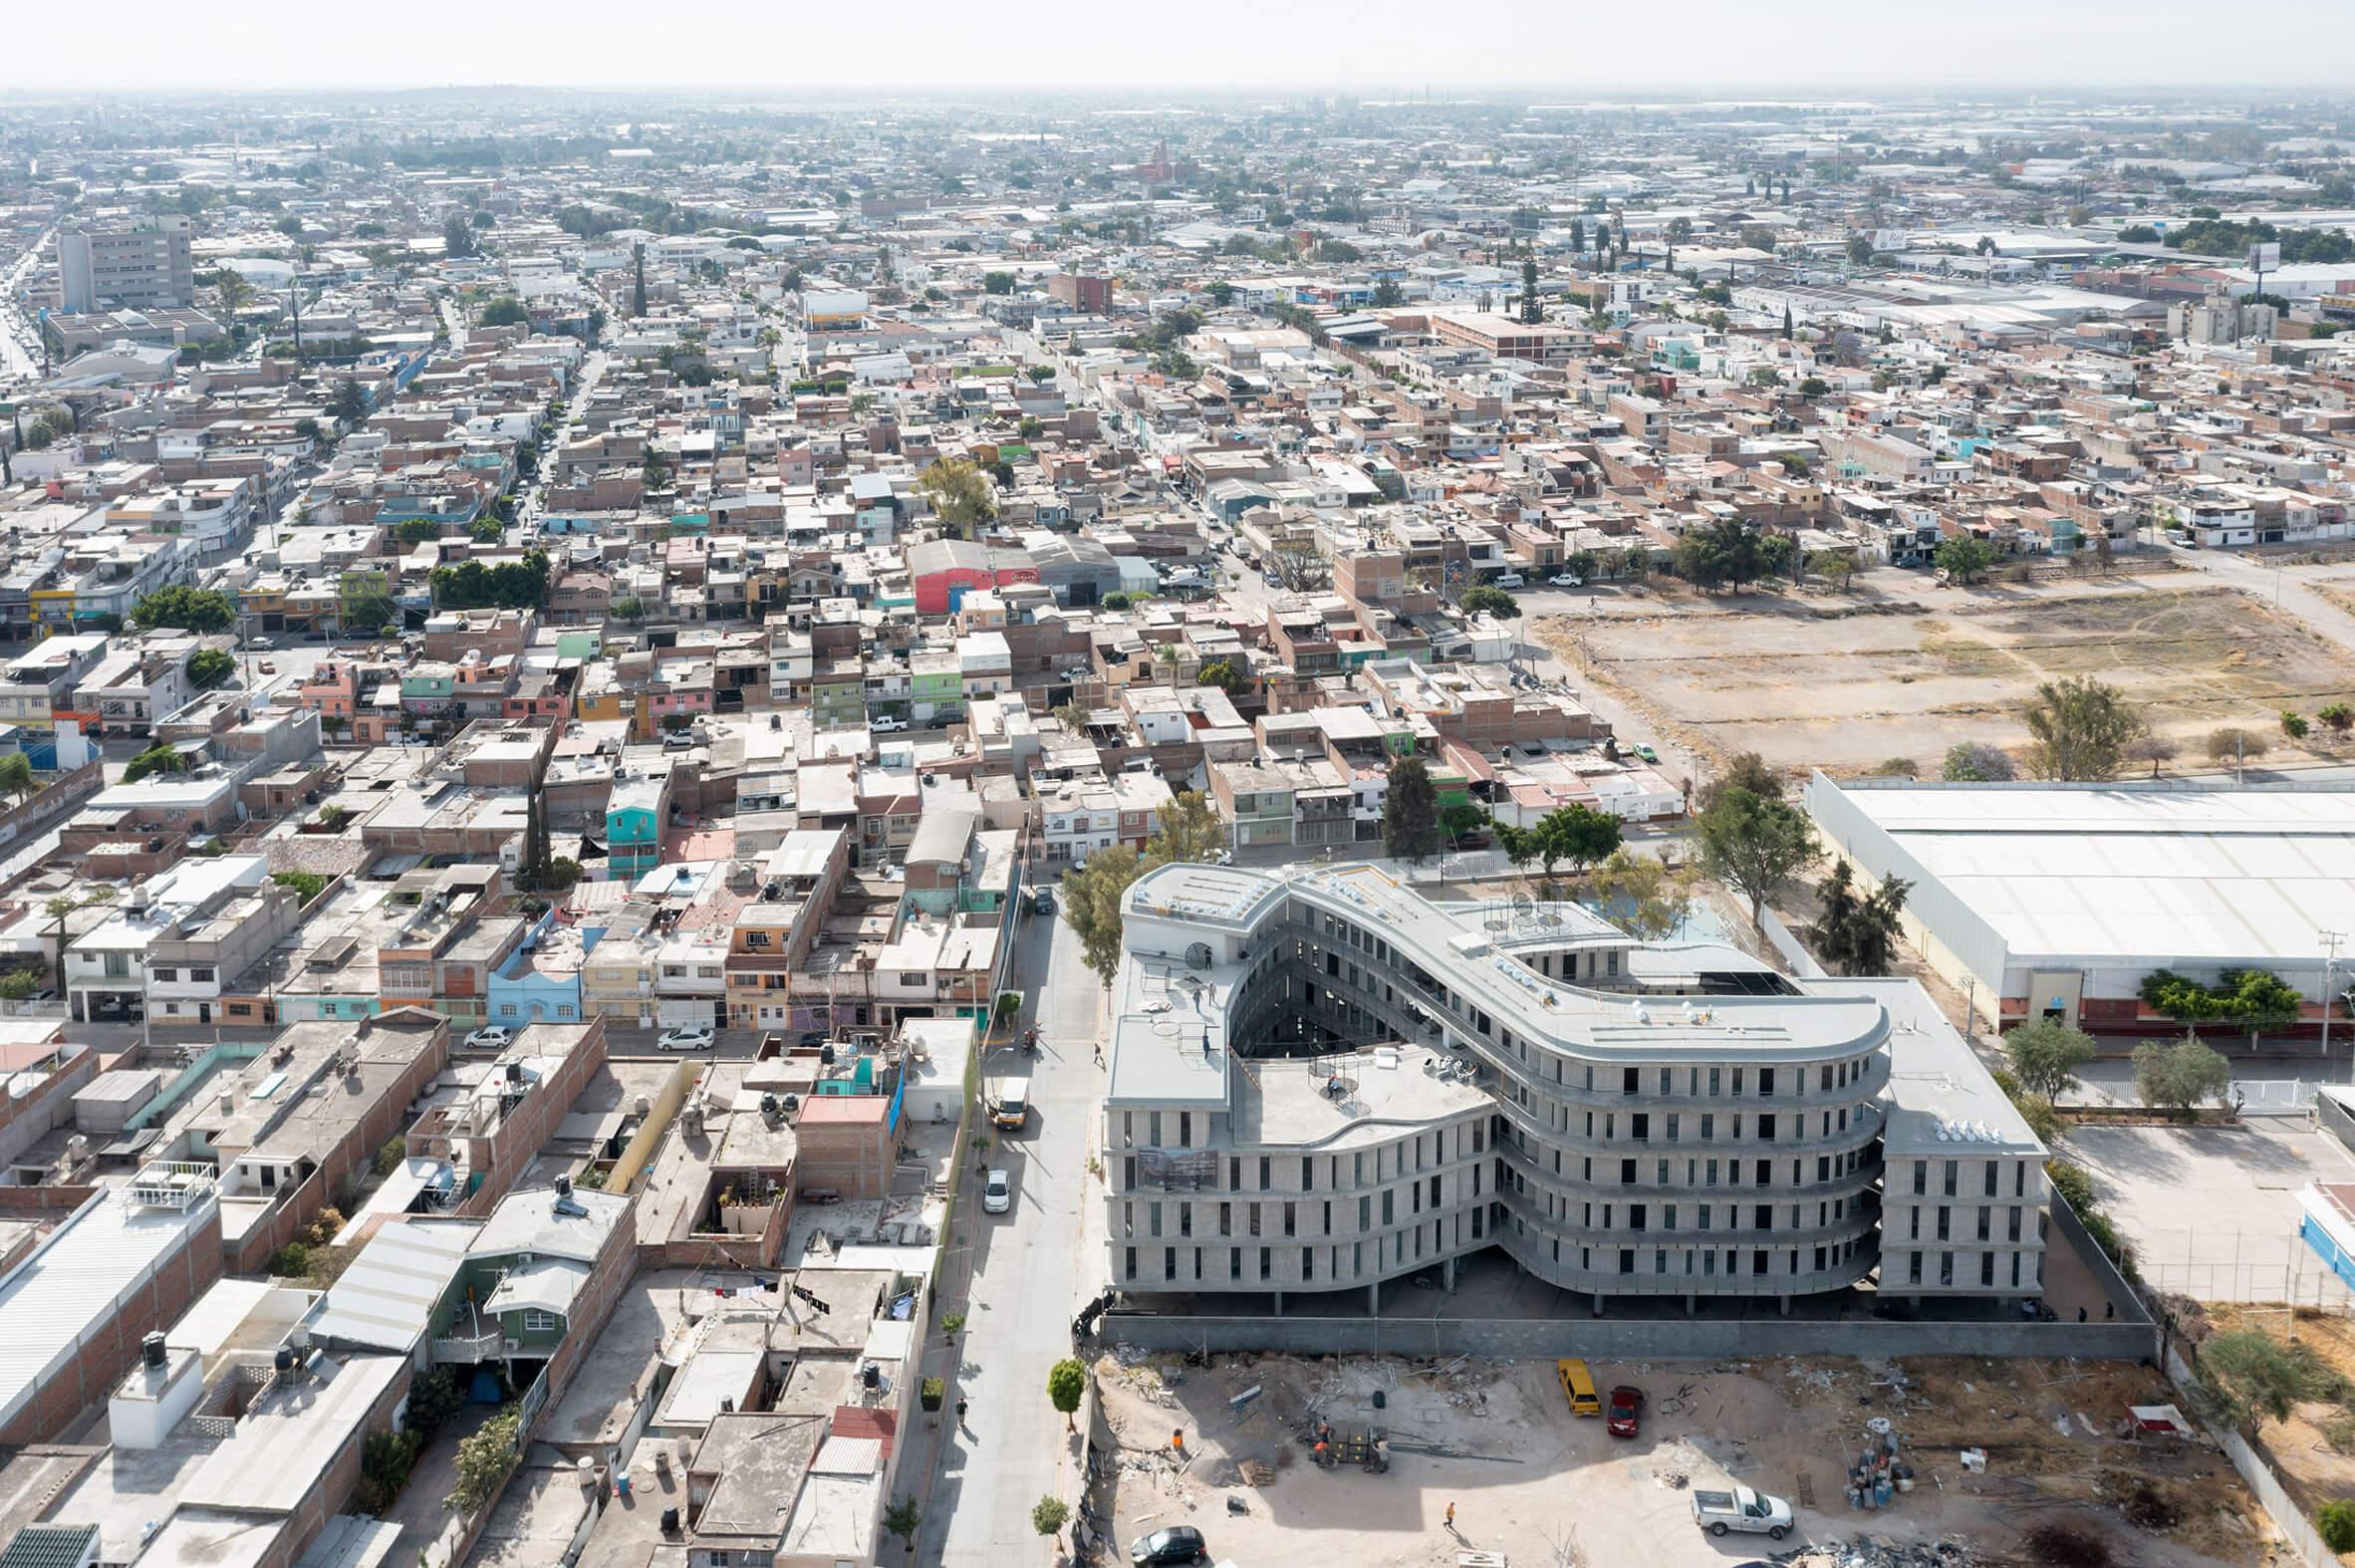 توسعه مسکن ارزان قیمت در مکزیک